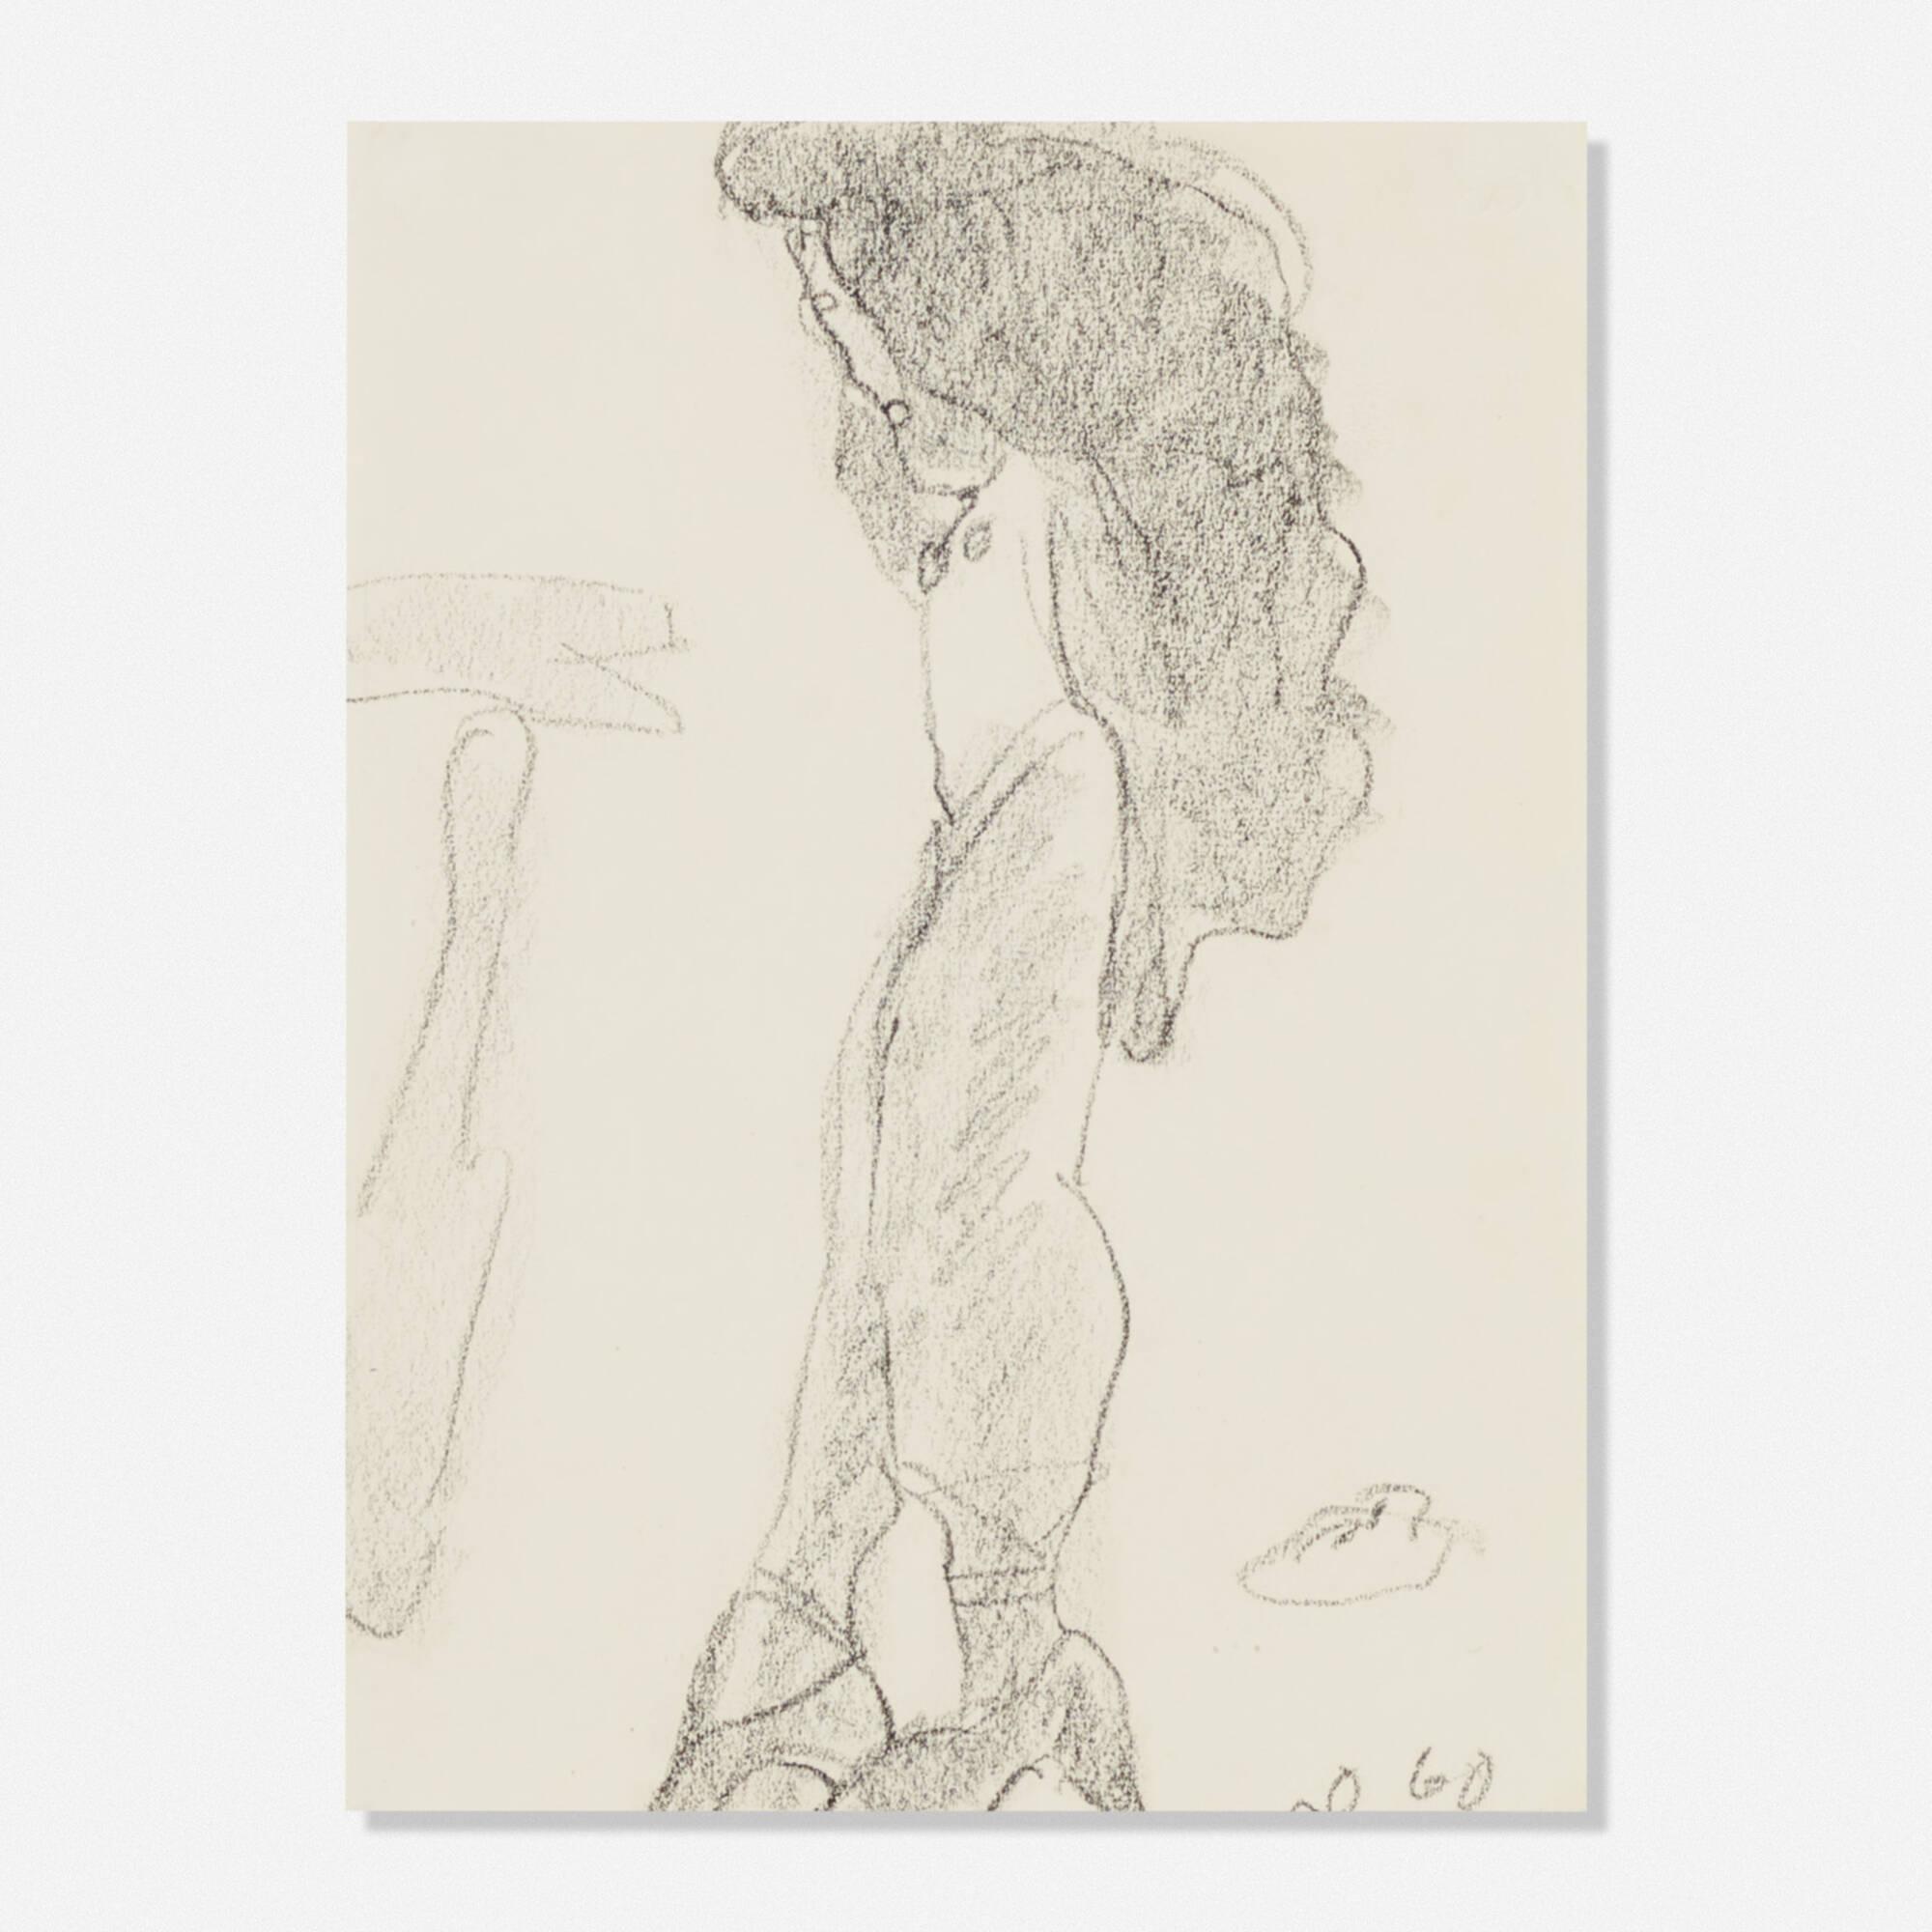 243: Claes Oldenburg / Dancer (1 of 1)